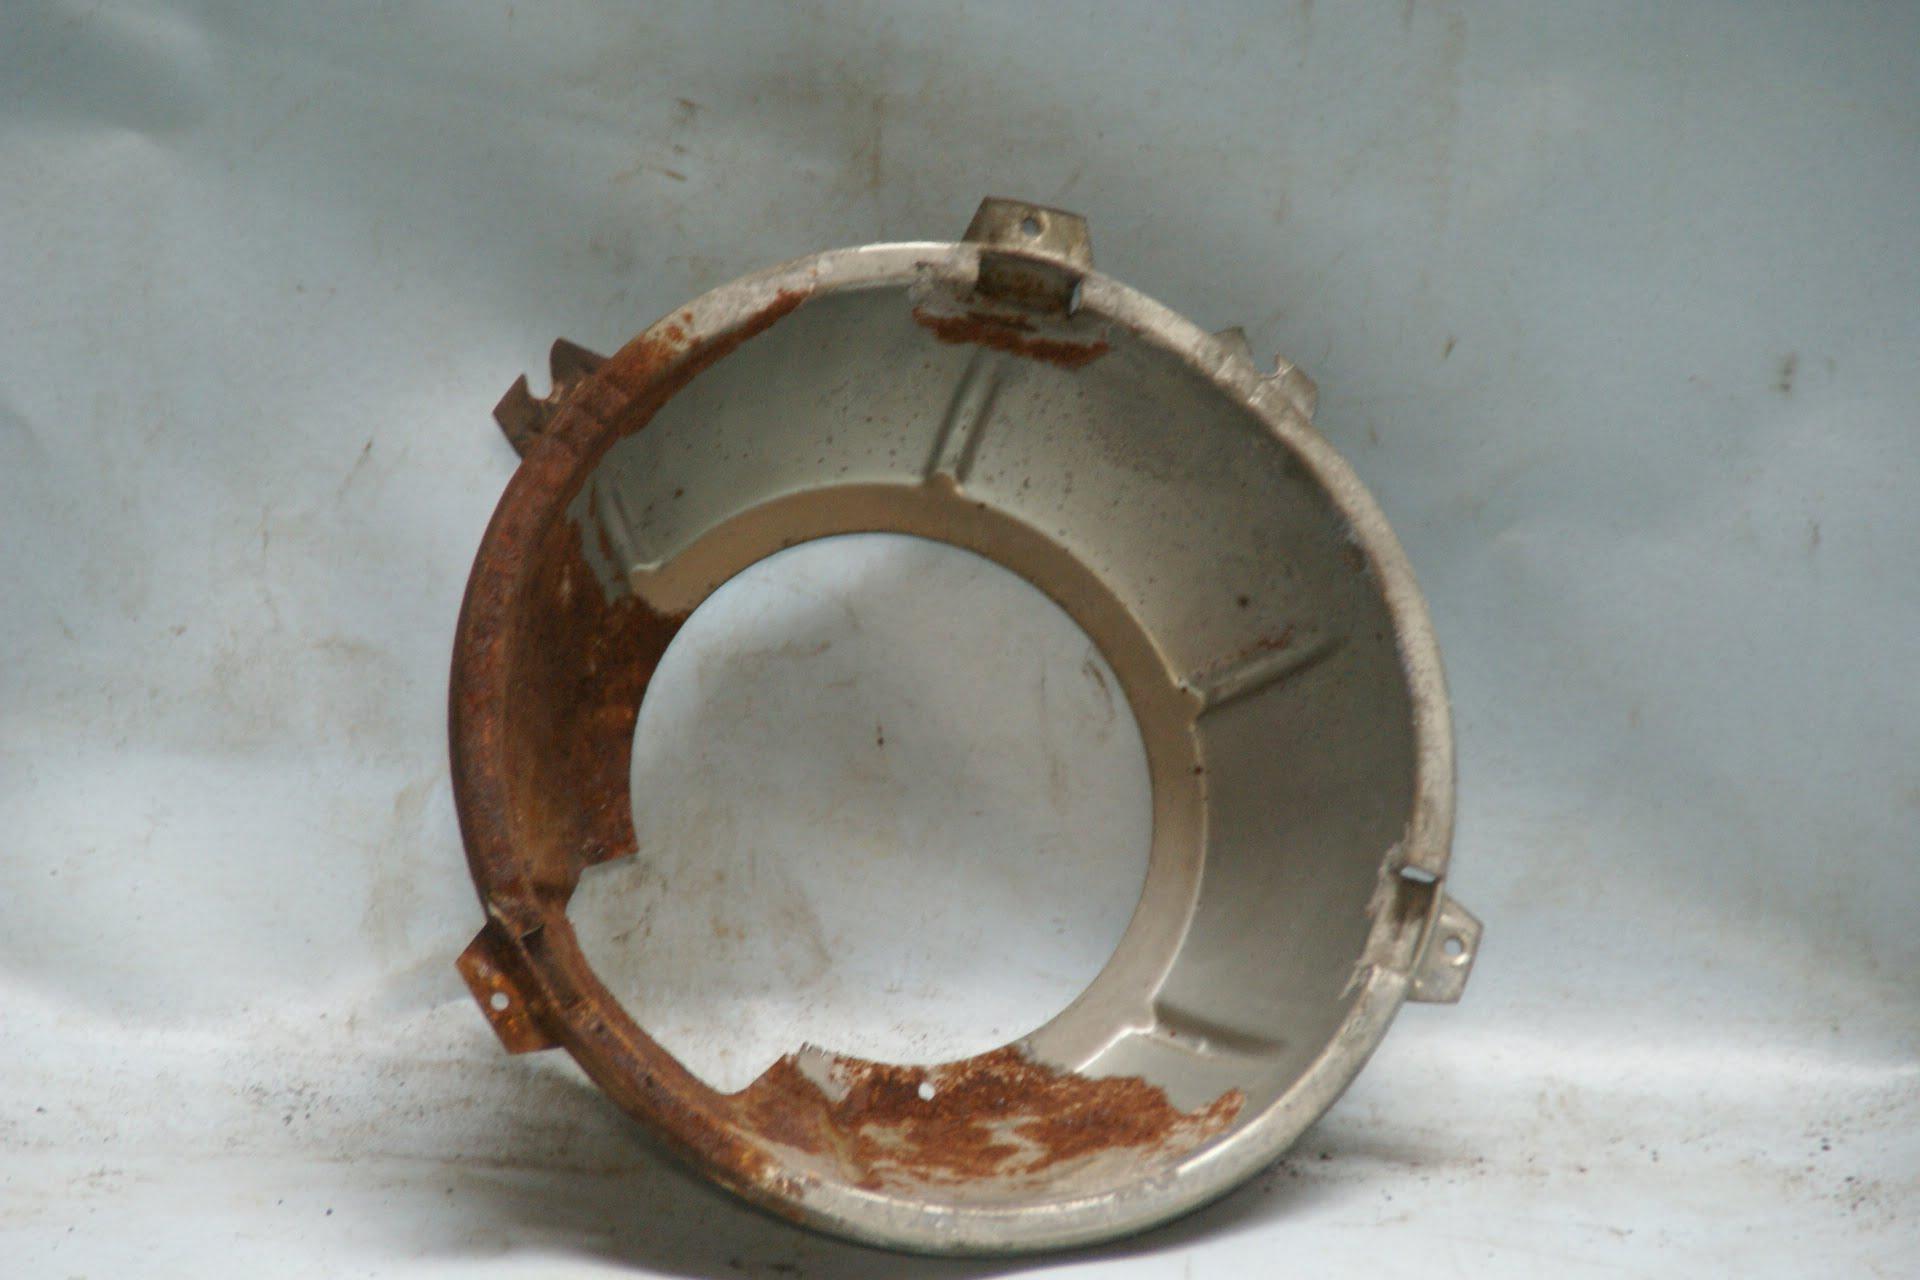 koplamppot staal binnenpot 180627-5861-0